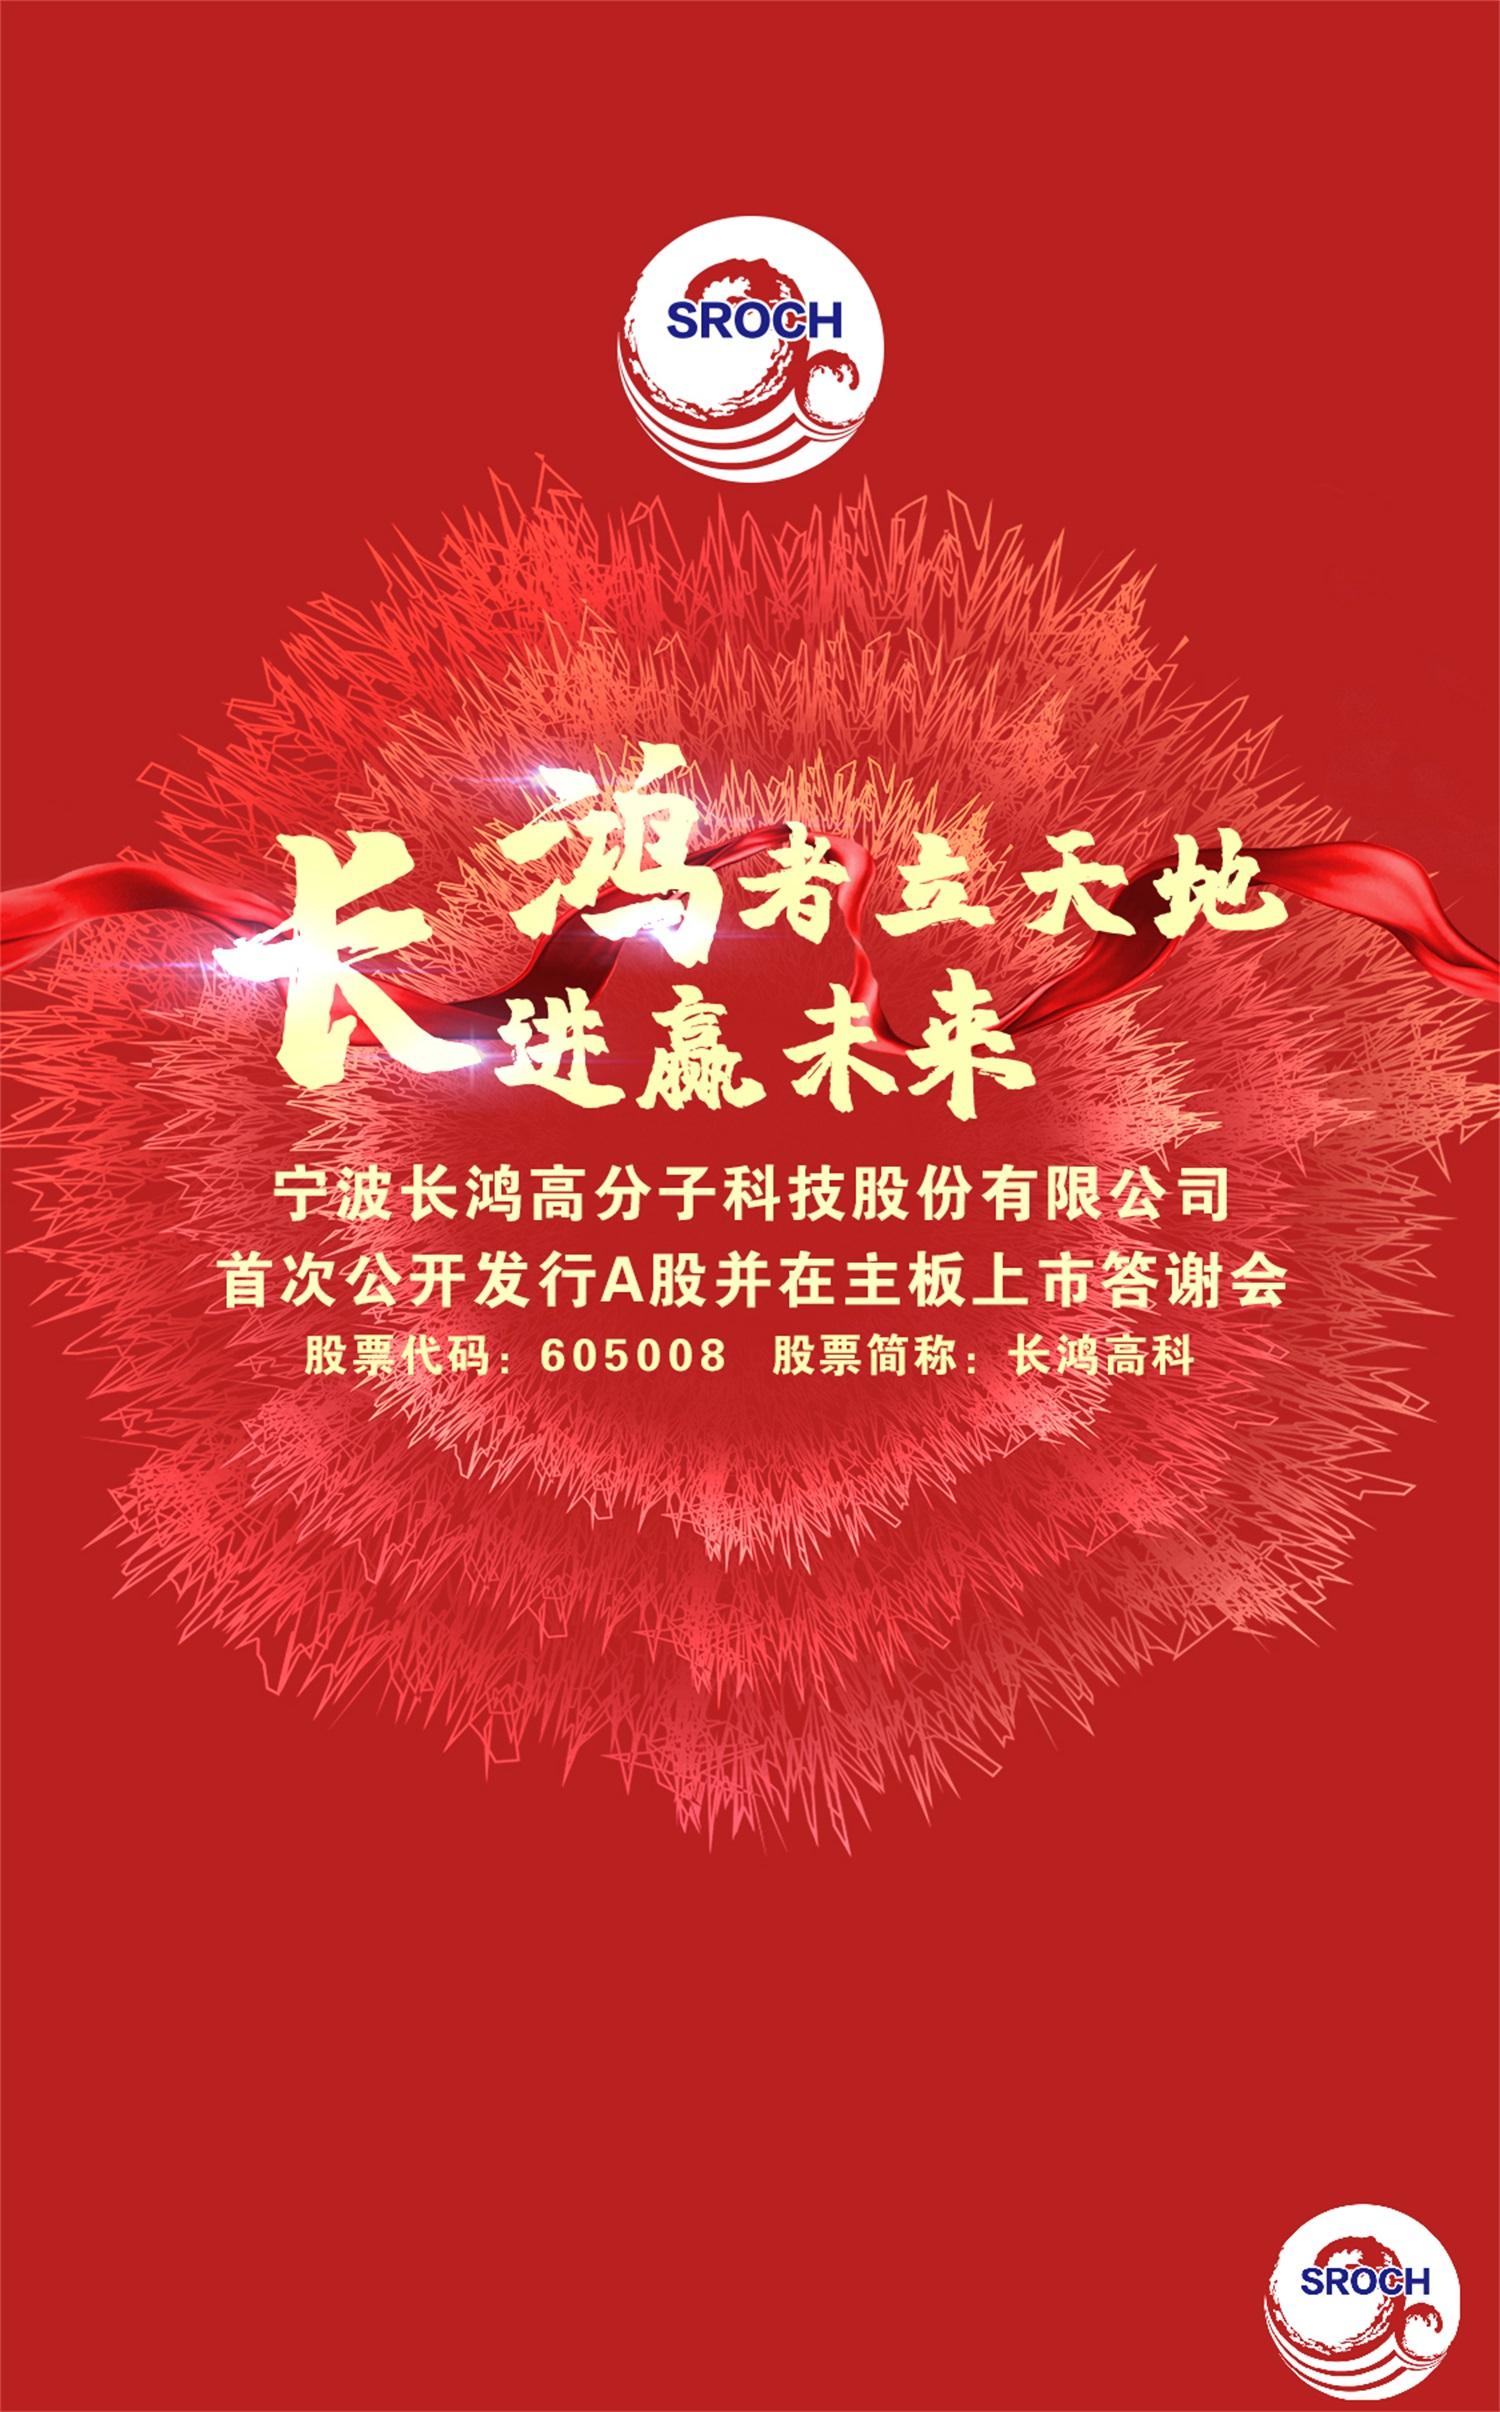 上海吉美文化传播有限公司2